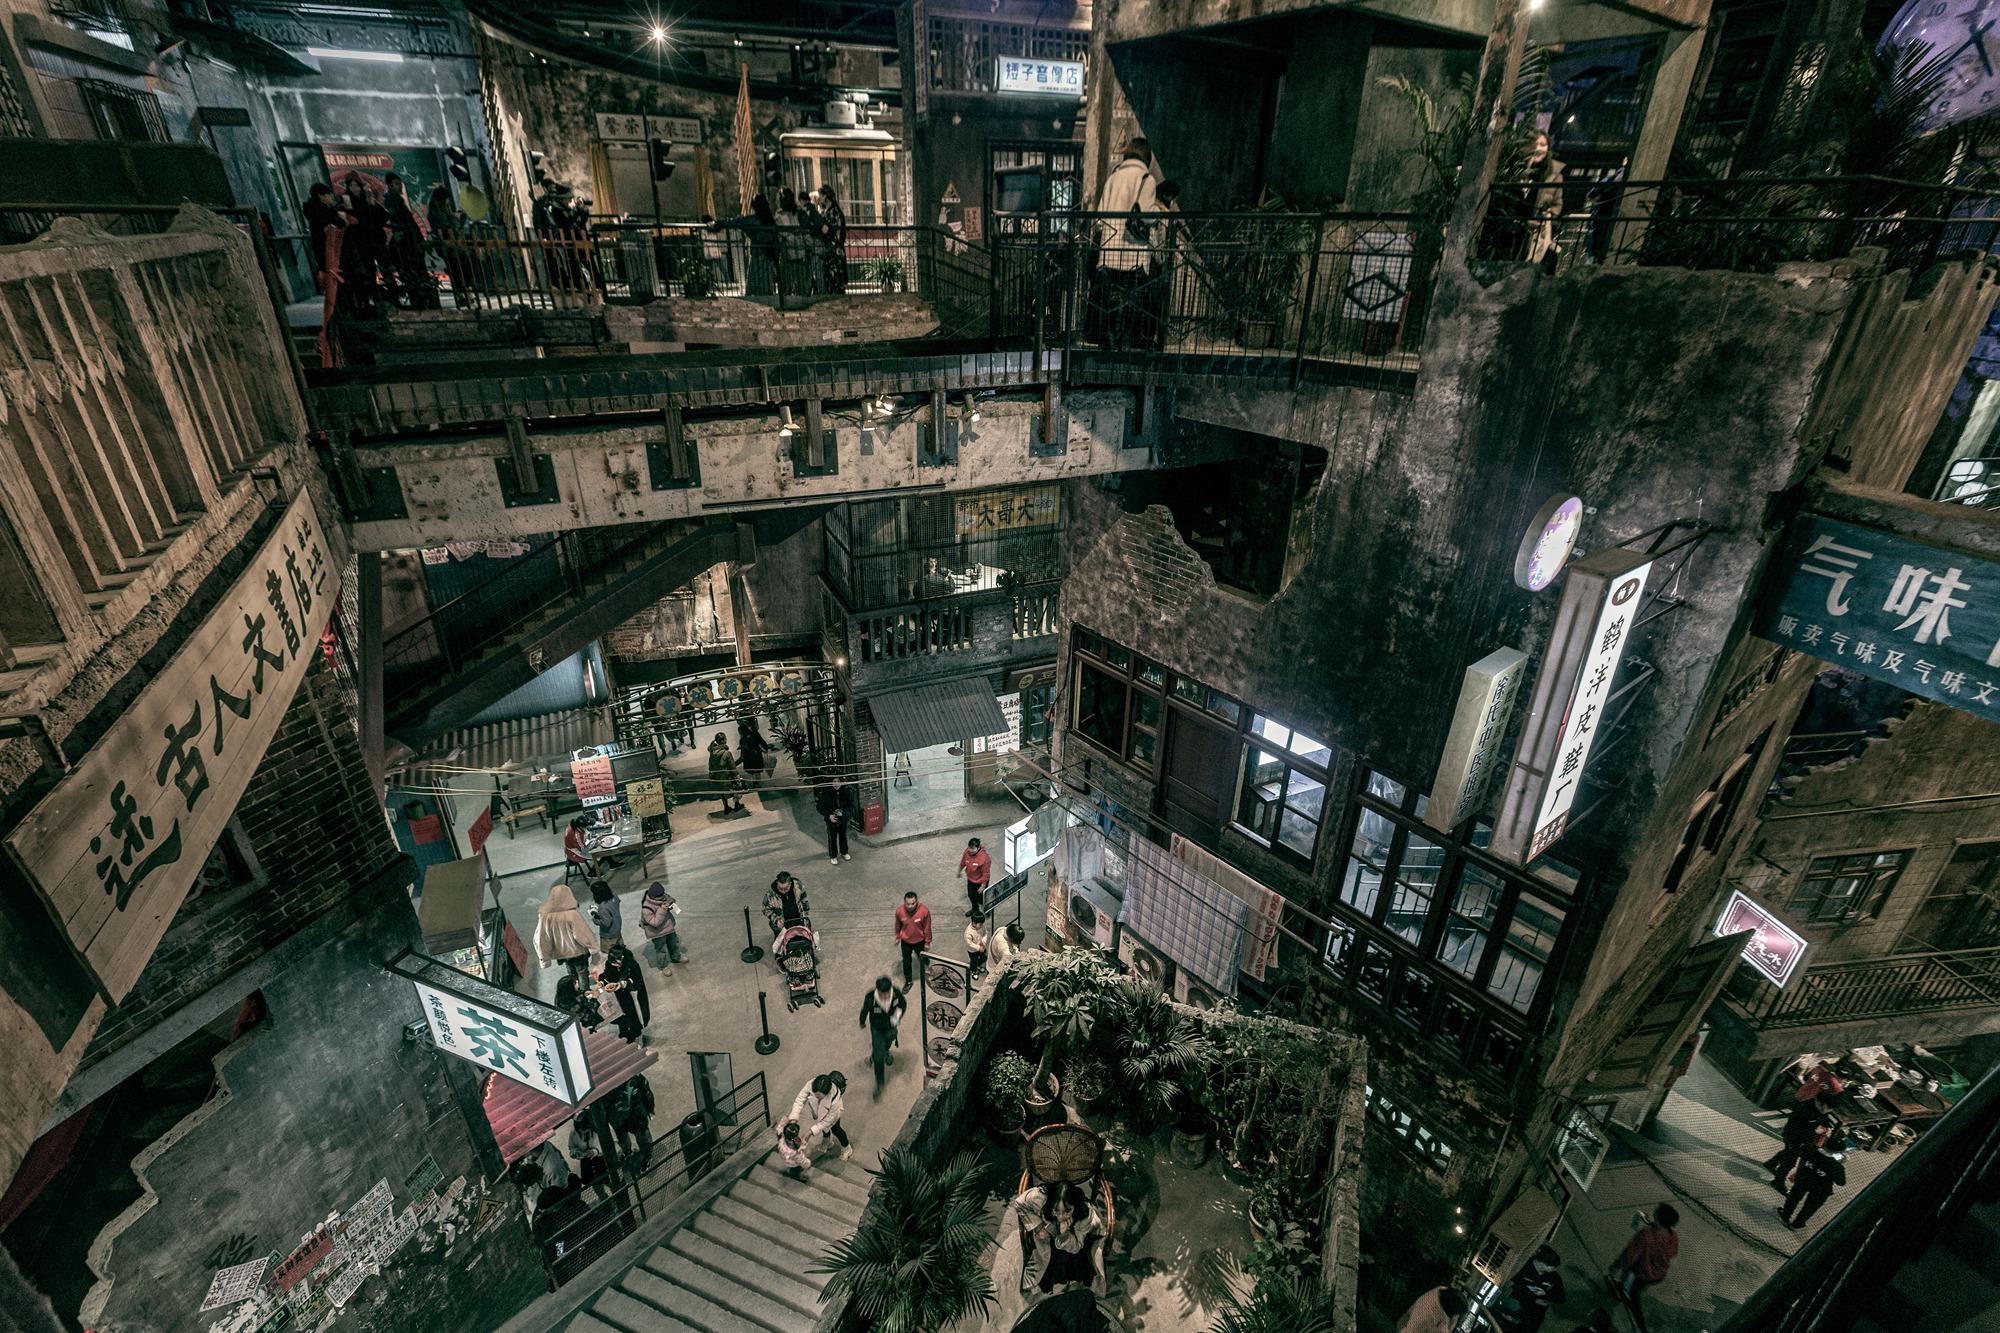 【29号作品:长沙记忆】 走进身处繁华闹市中的文和友,瞬间让你完成穿越,找回那个年代的长沙记忆。